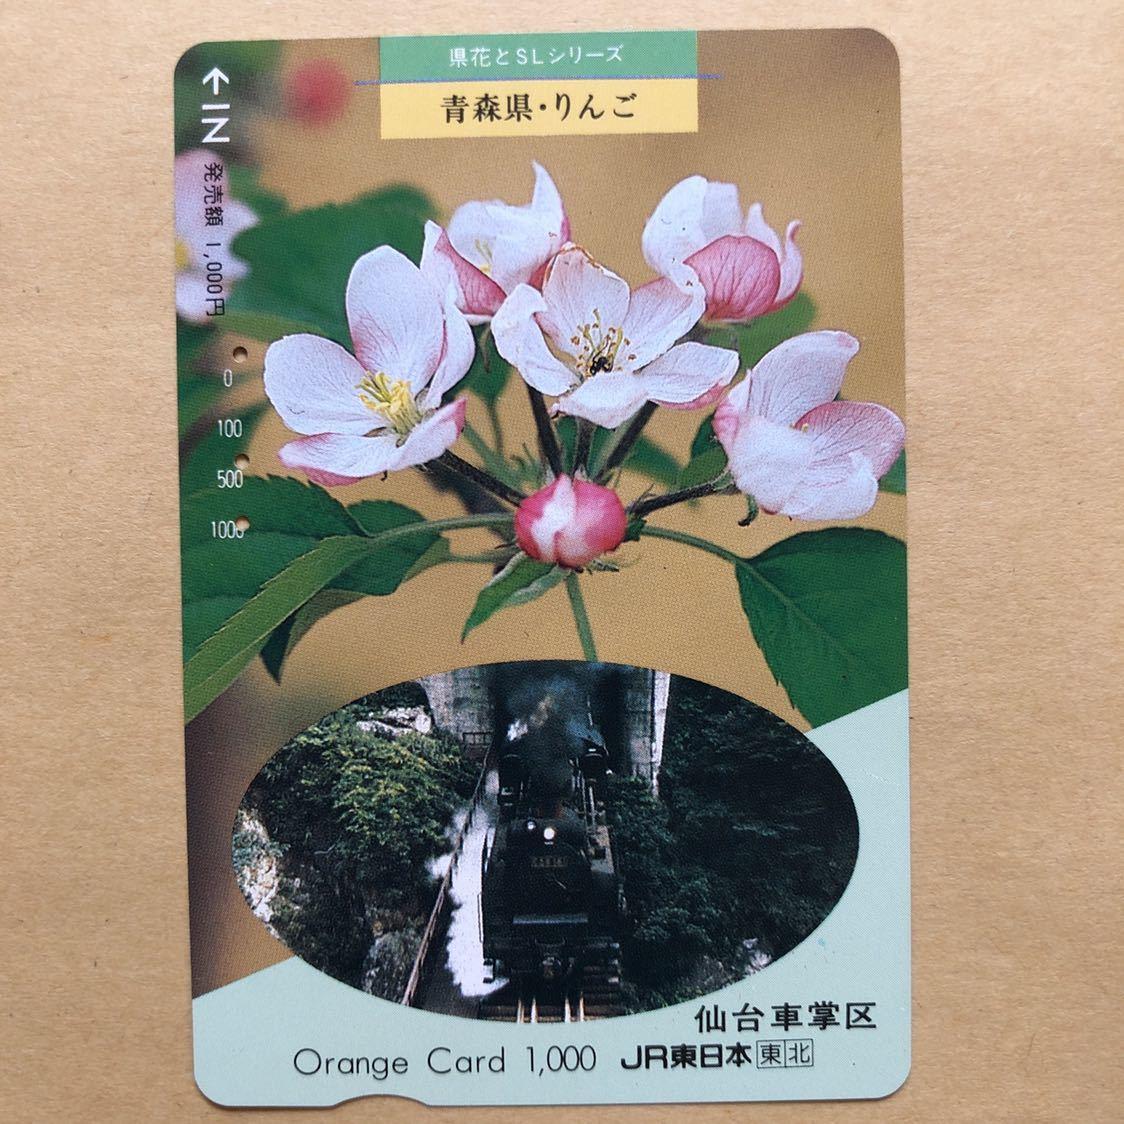 【使用済】 オレンジカード JR東日本 青森県・りんご 県花とSLシリーズ_画像1